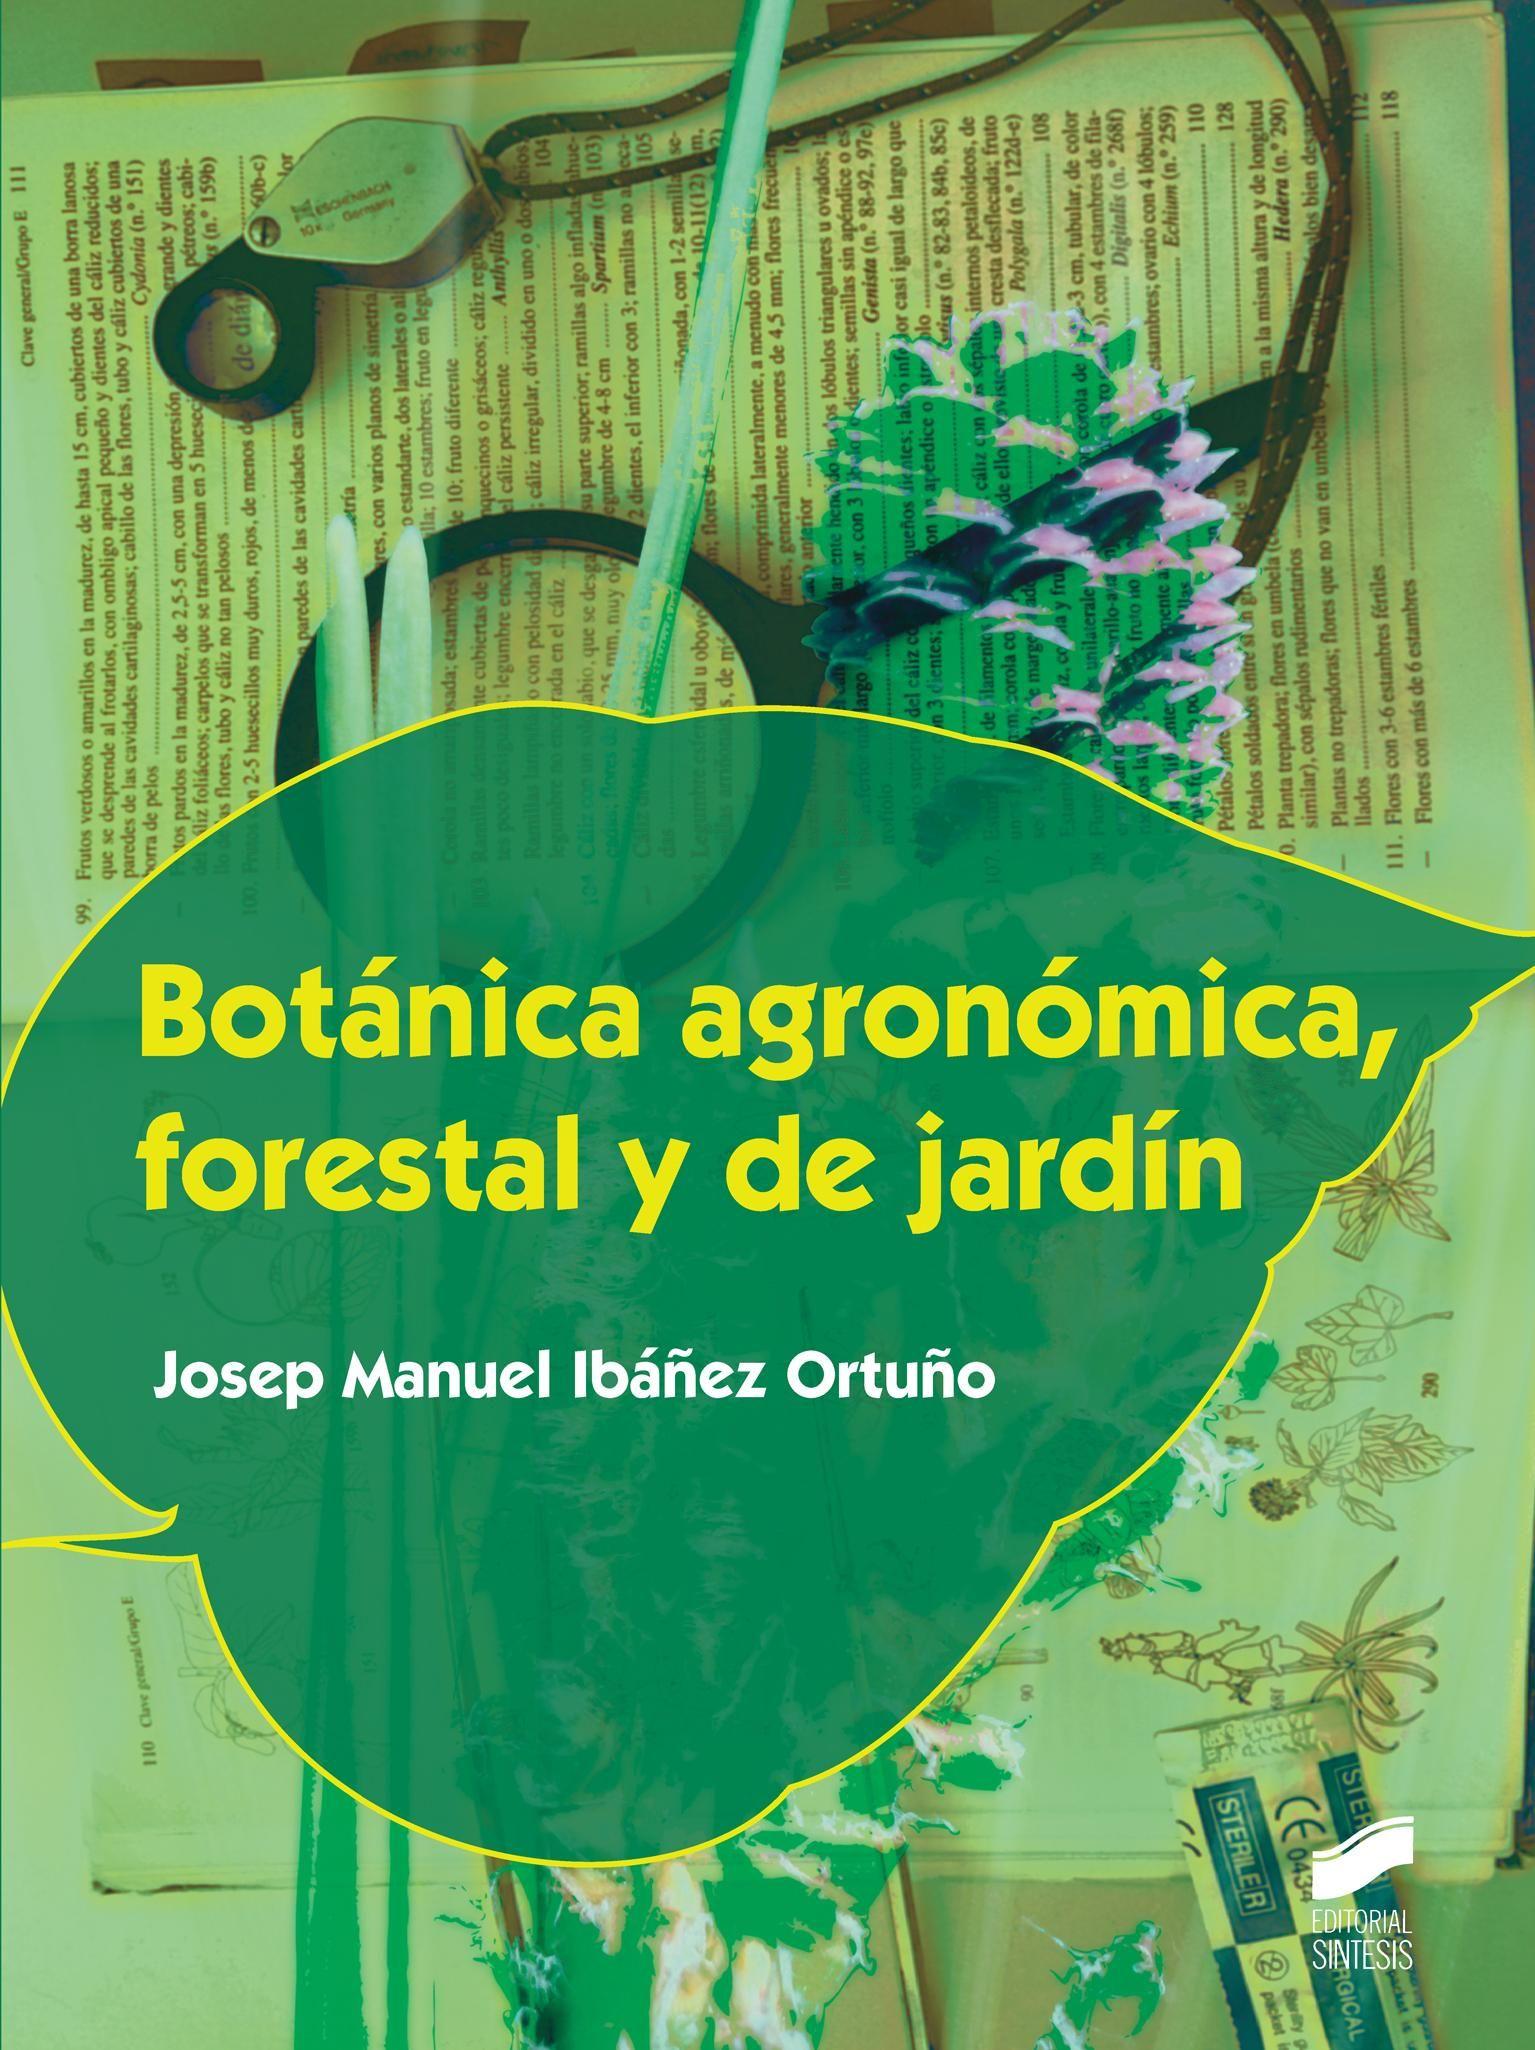 Botánica agronómica, forestal y de jardín / Josep Manuel Ibáñez Ortuño. Síntesis, D.L. 2014